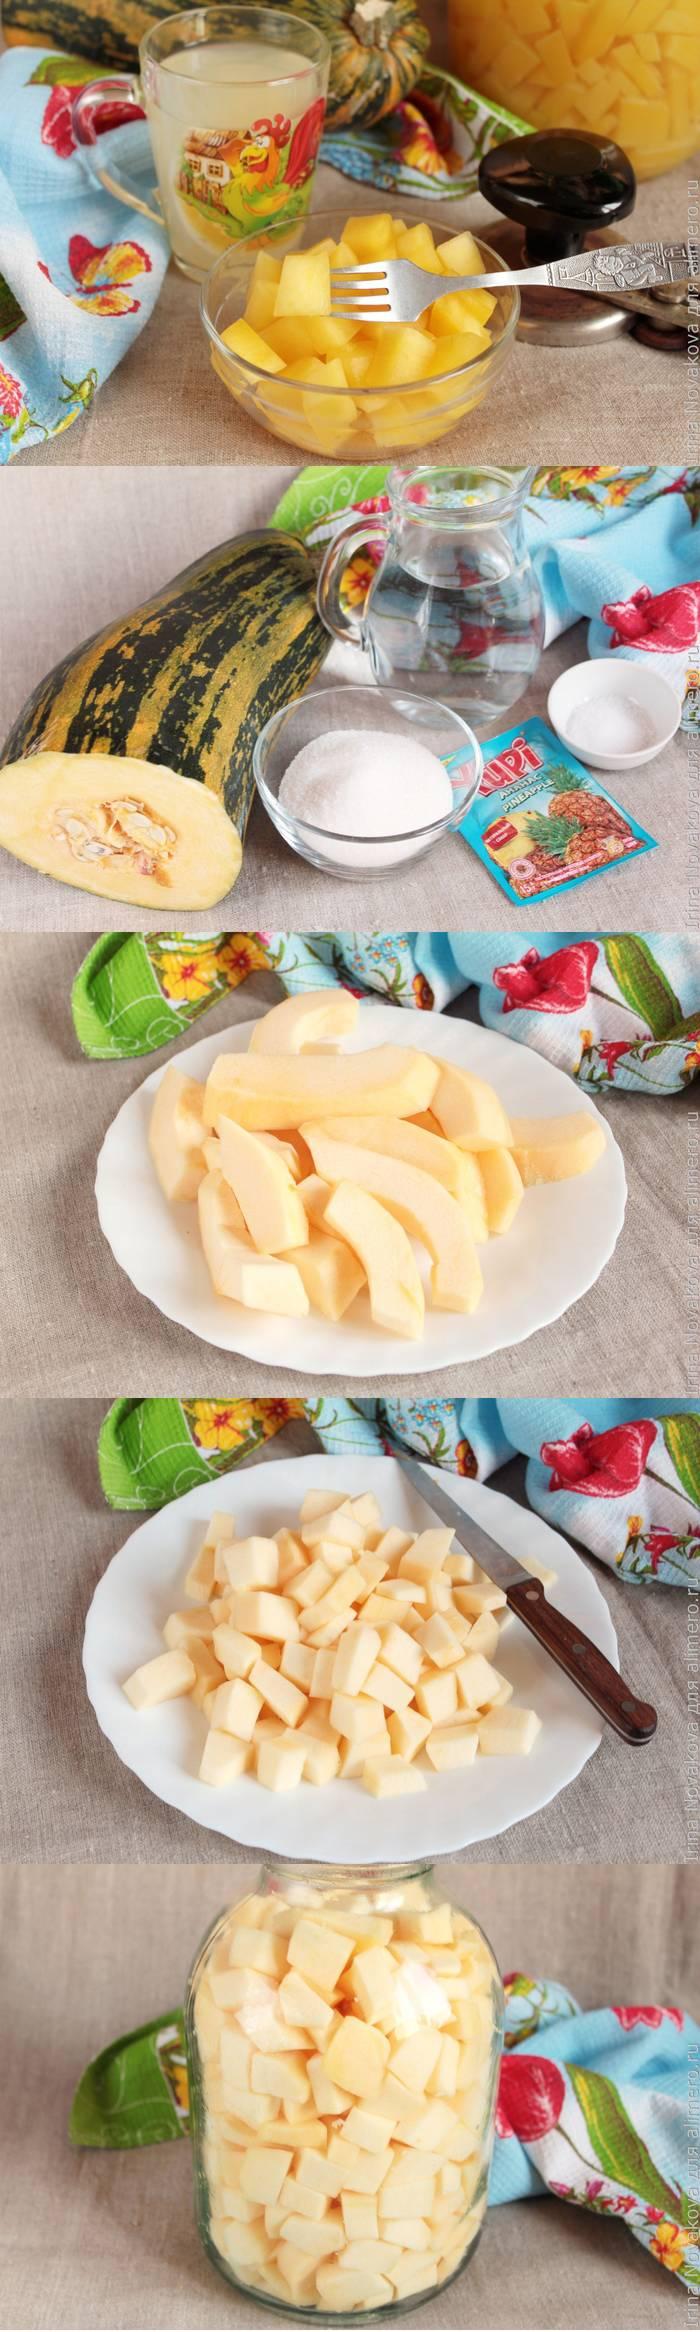 Кабачок, консервированный под кубики ананаса